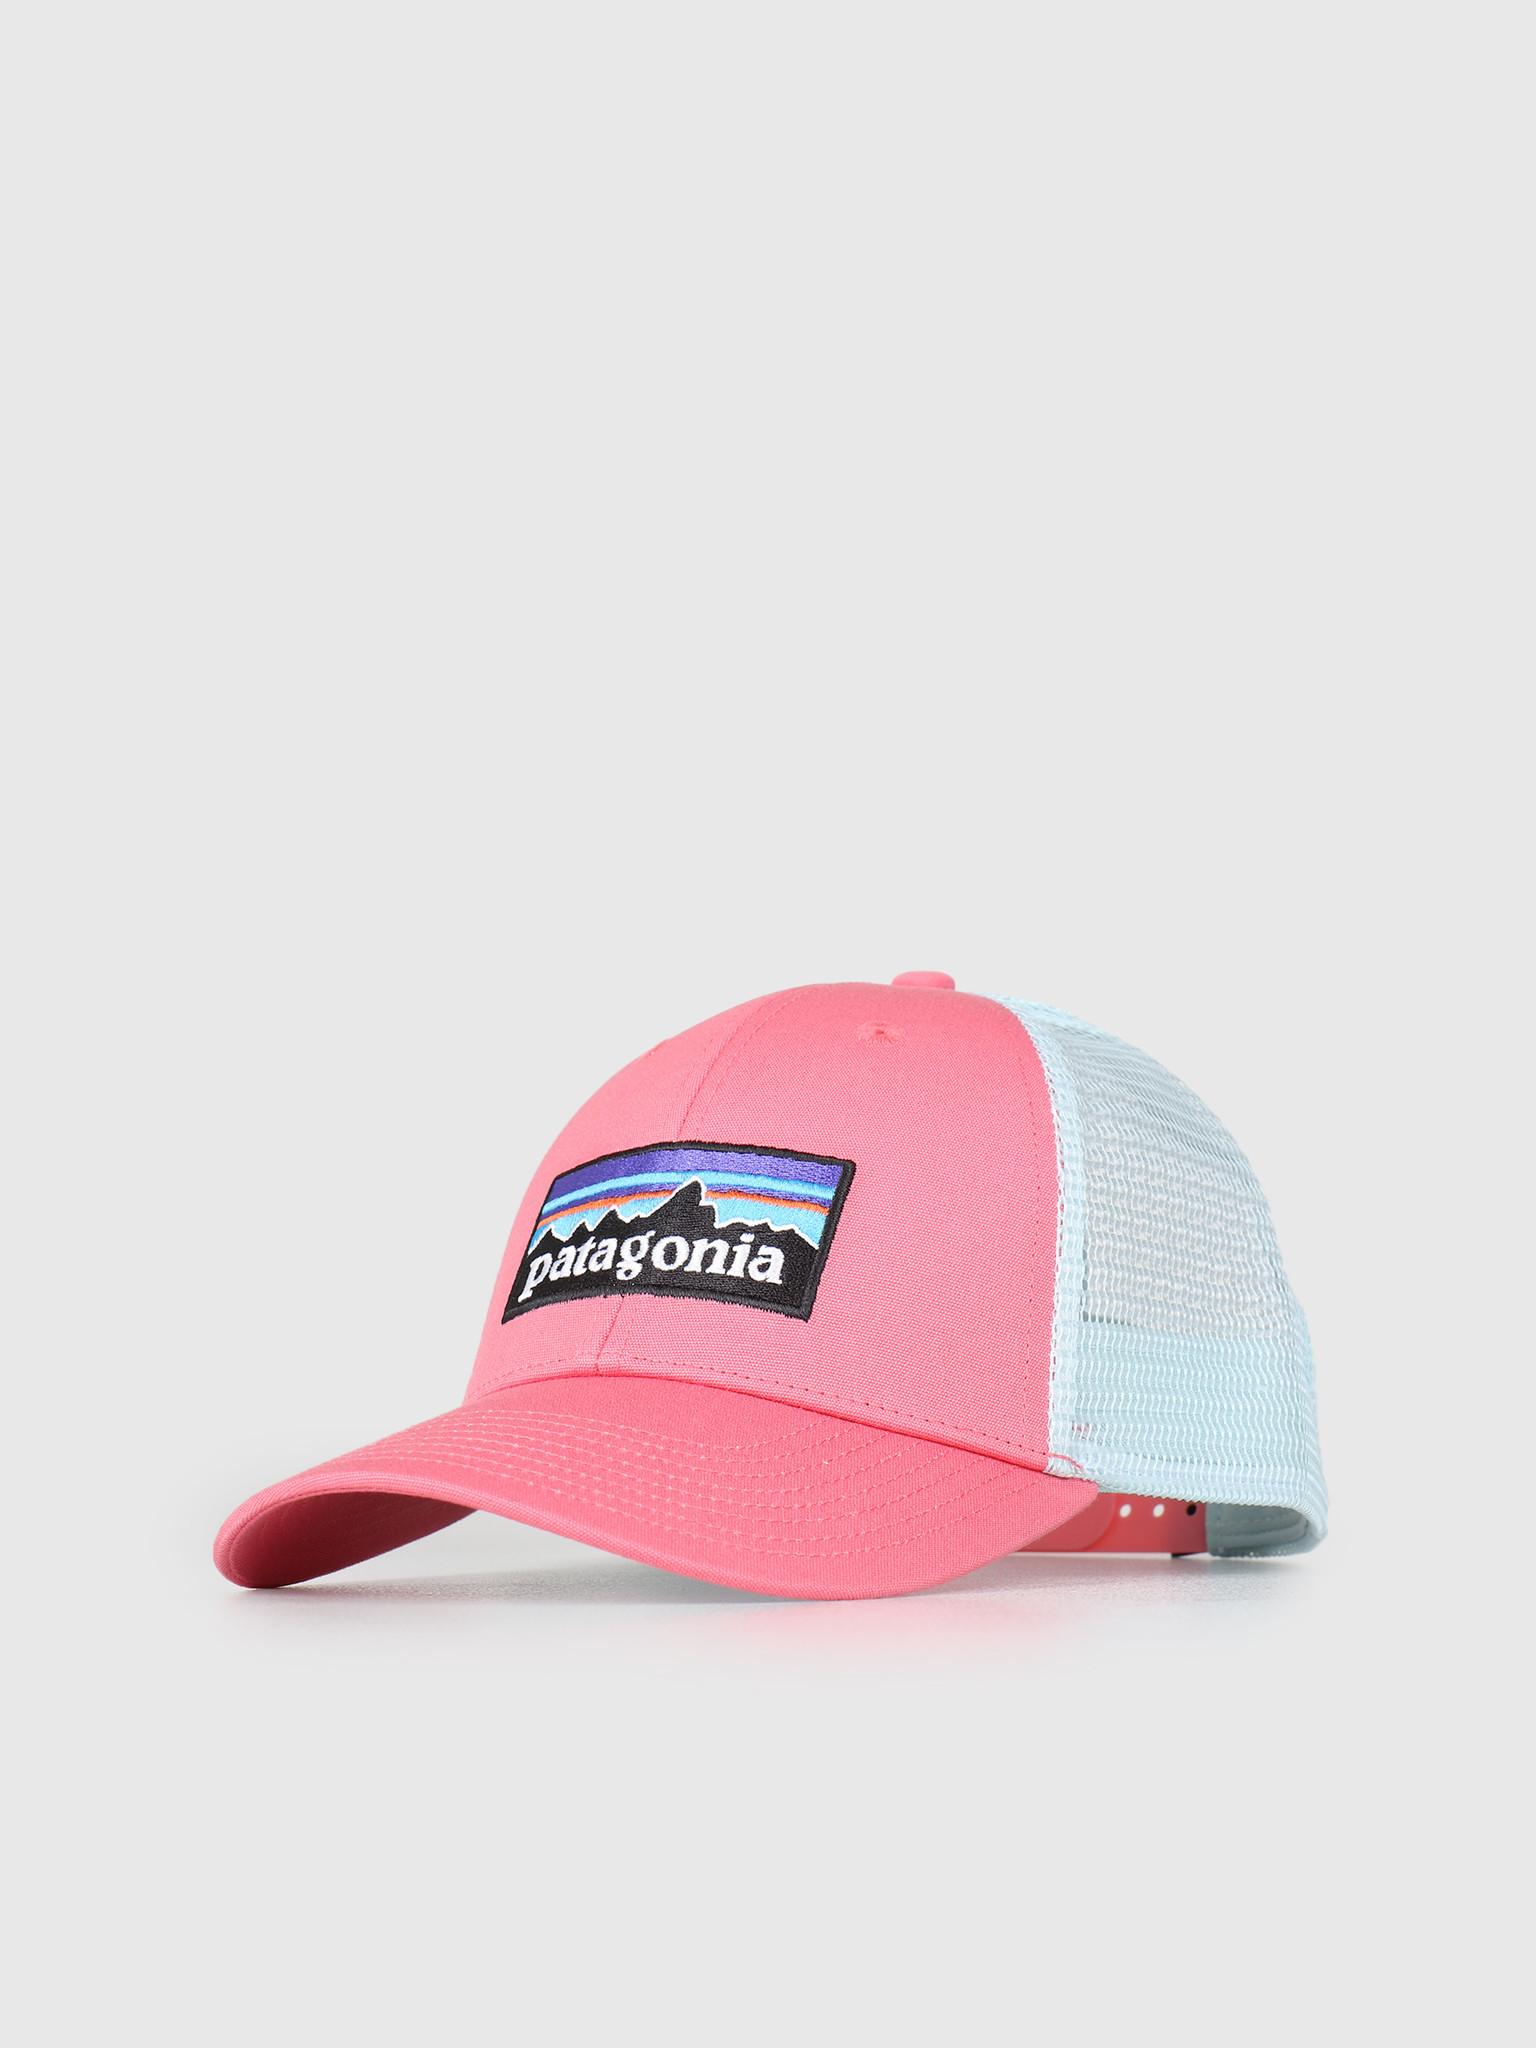 Patagonia Patagonia P 6 Logo LoPro Trucker Hat Sticker Pink 38016